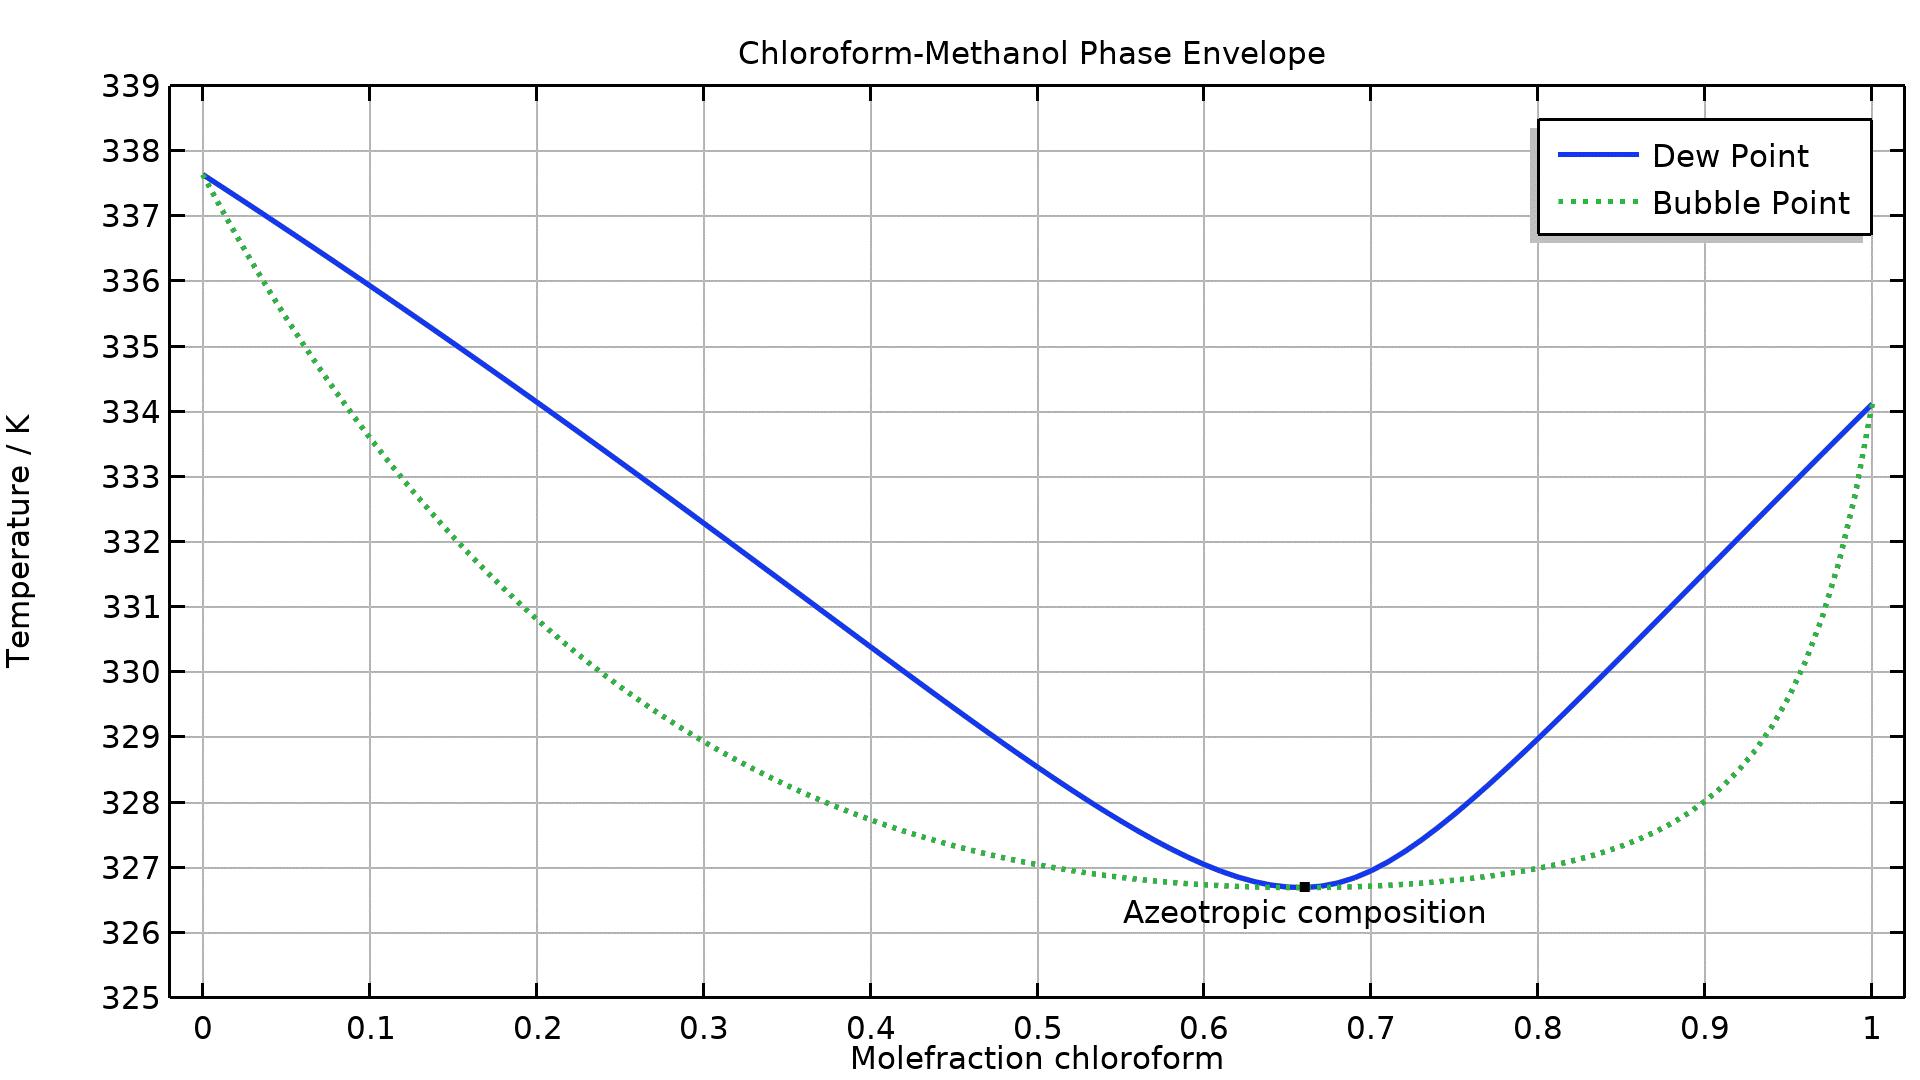 비이상 클로로포롬/메탄올 혼합물에 대한 상평형 그래프. 먼저 혼합물의 공비를 강조하는 온도-조성 다이어그램이 구성됩니다. 추가적으로, 엔탈피-조성 다이어그램이 생성됩니다.